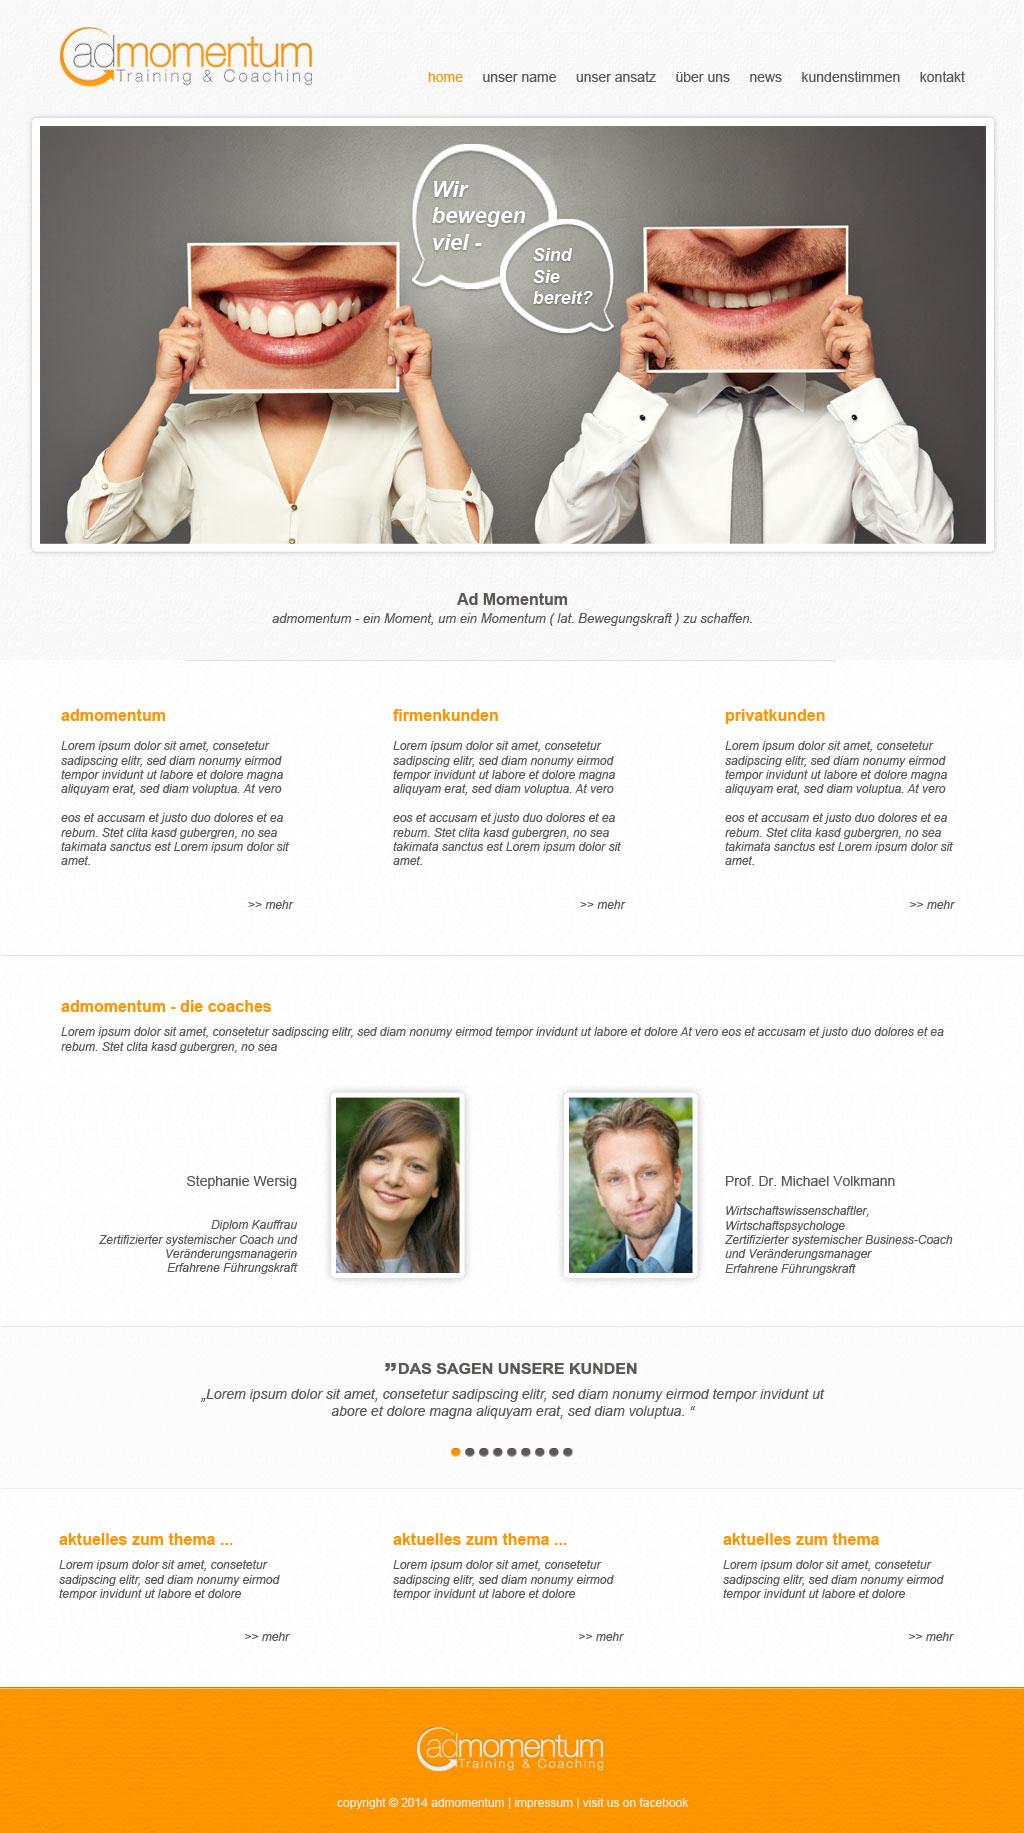 Design #45 von Antje